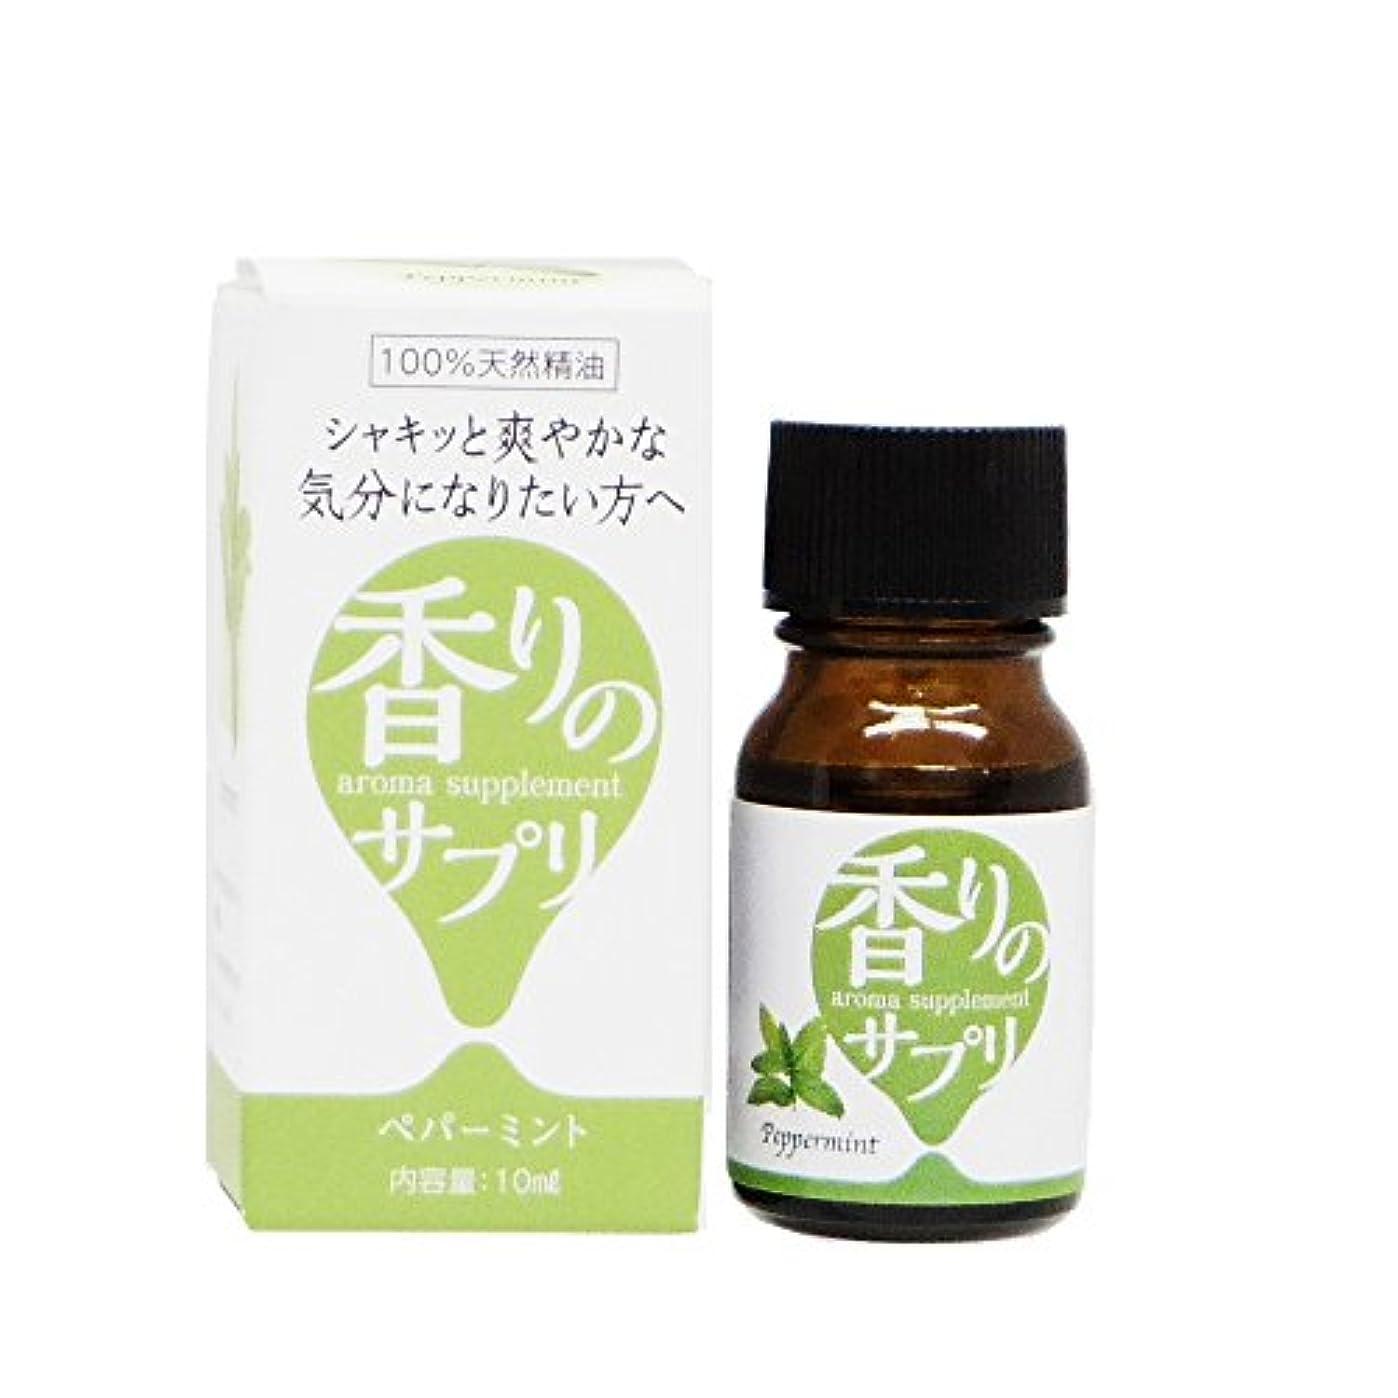 胸属性くつろぐ香りのサプリ ペパーミント エッセンシャルオイル10ml 384218